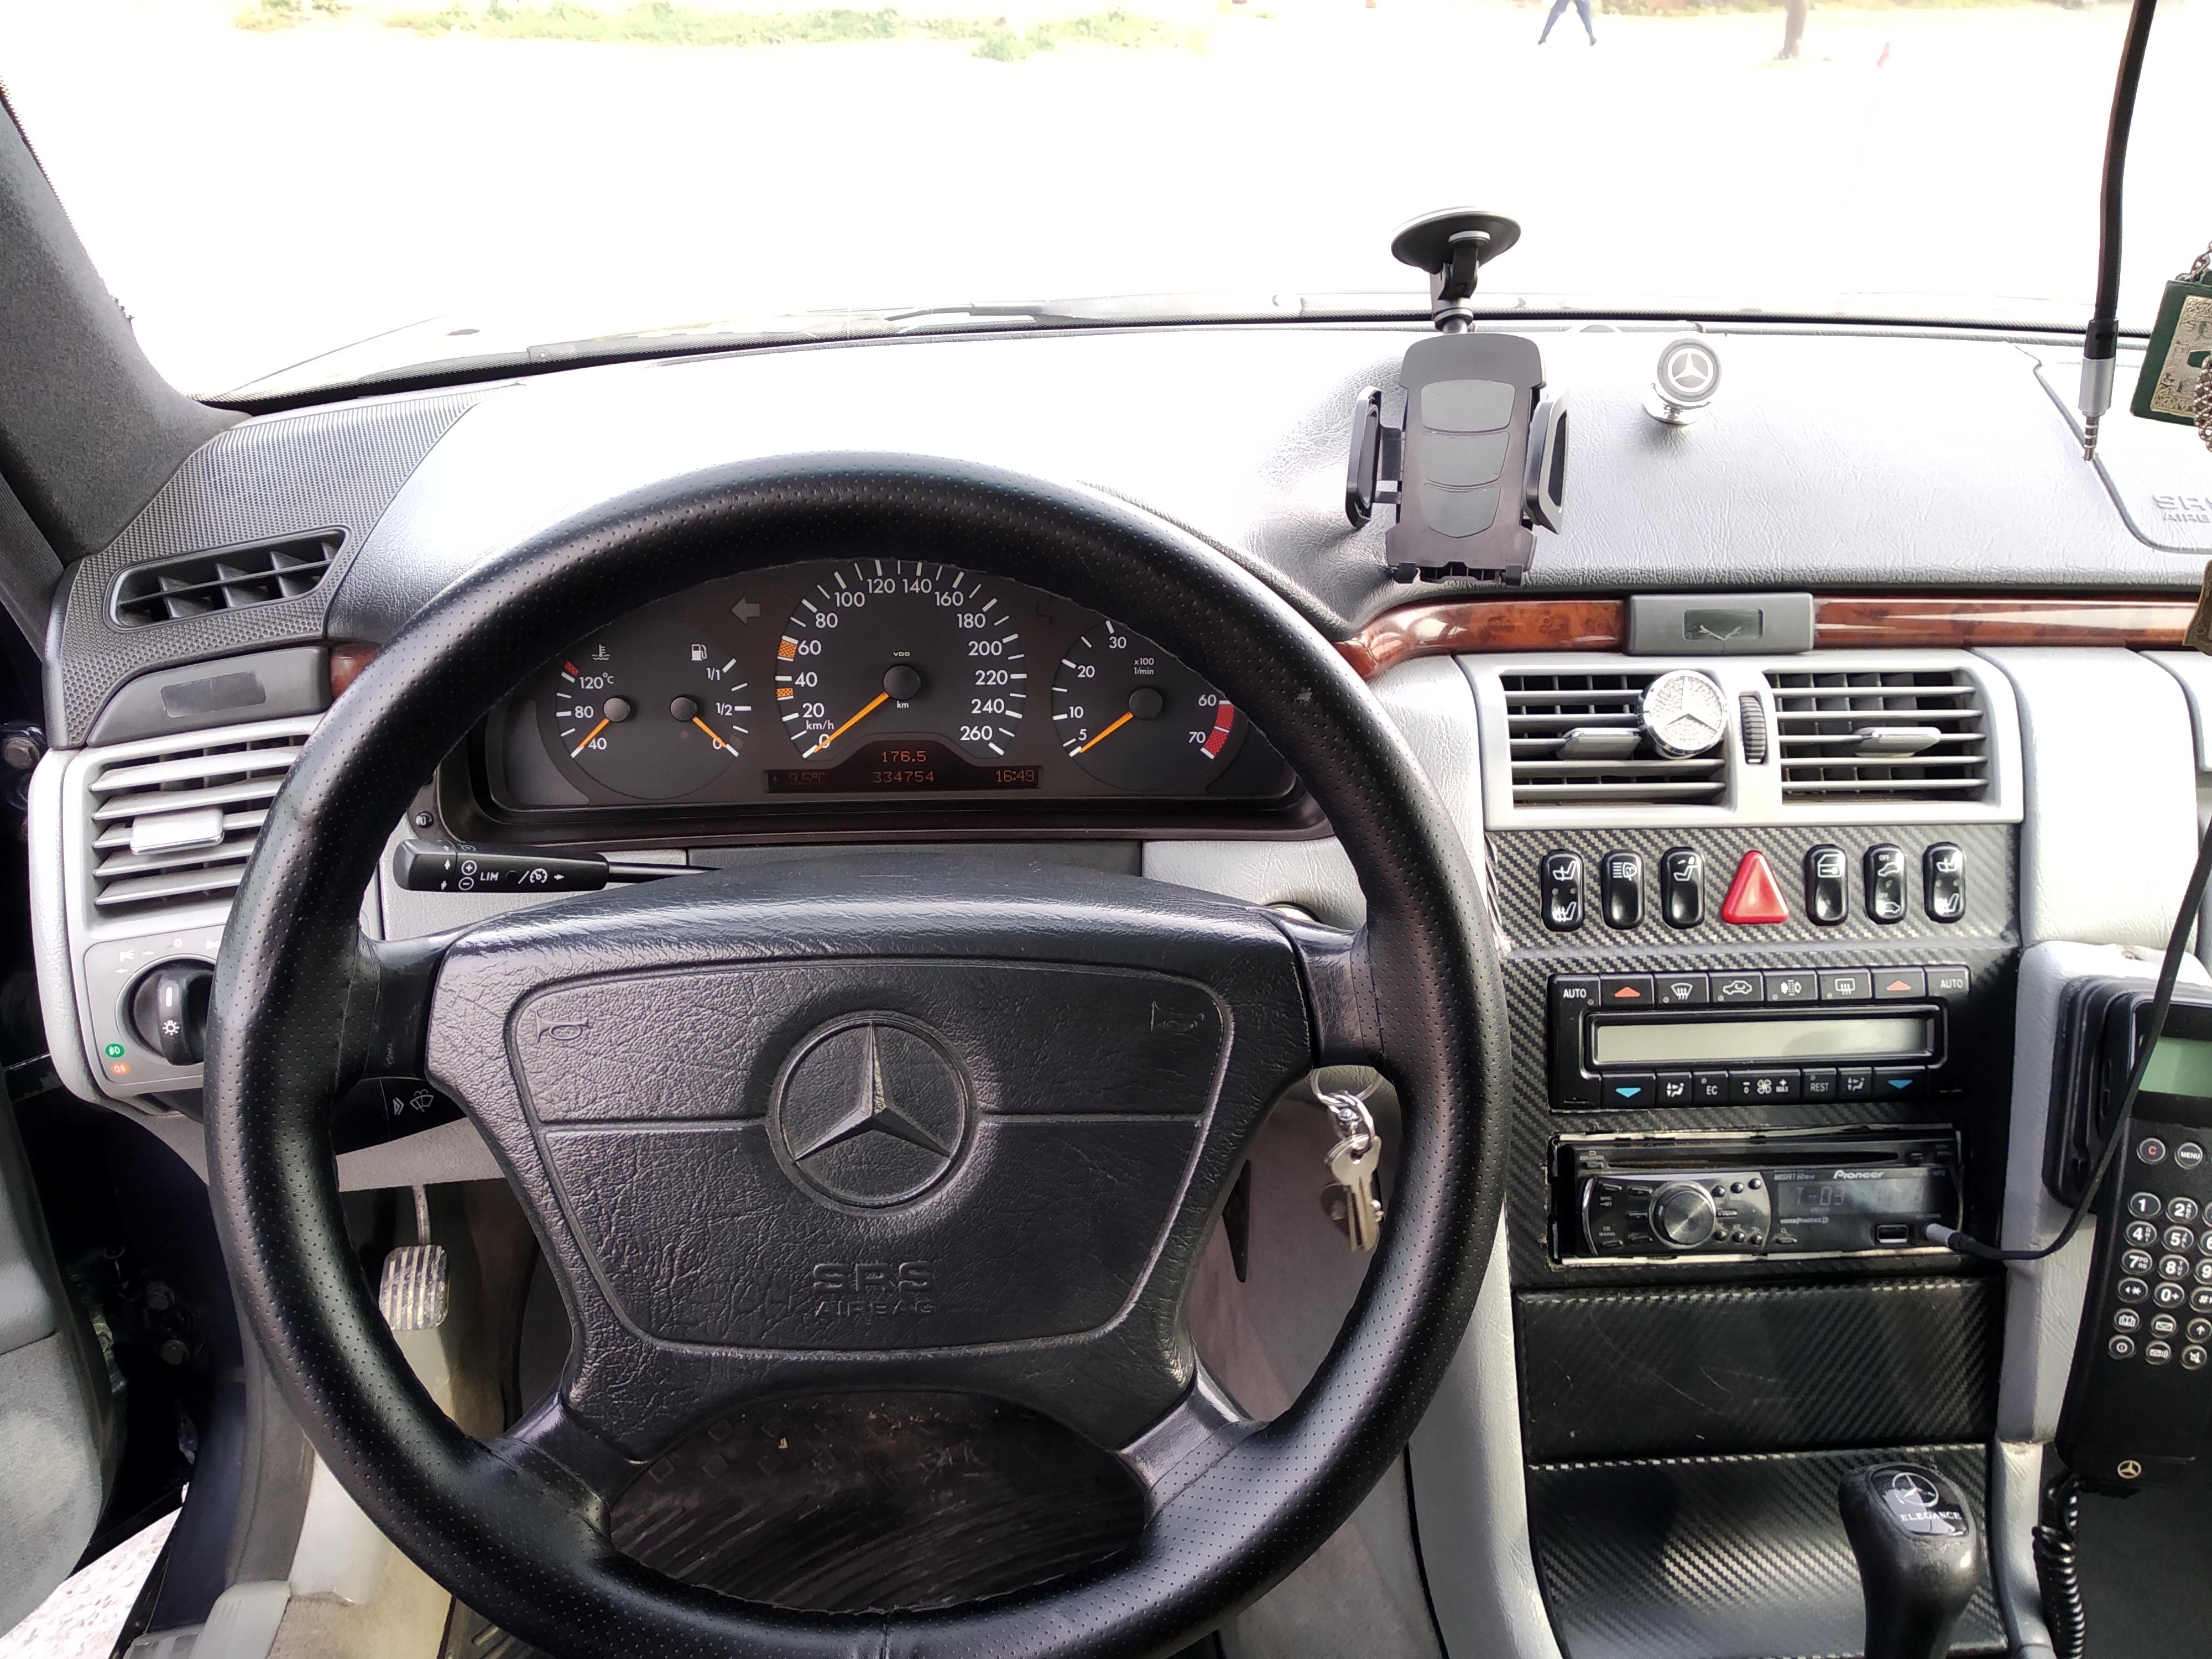 Mercedes-Benz E 280 2.8(lt) 1998 Second hand  $13300